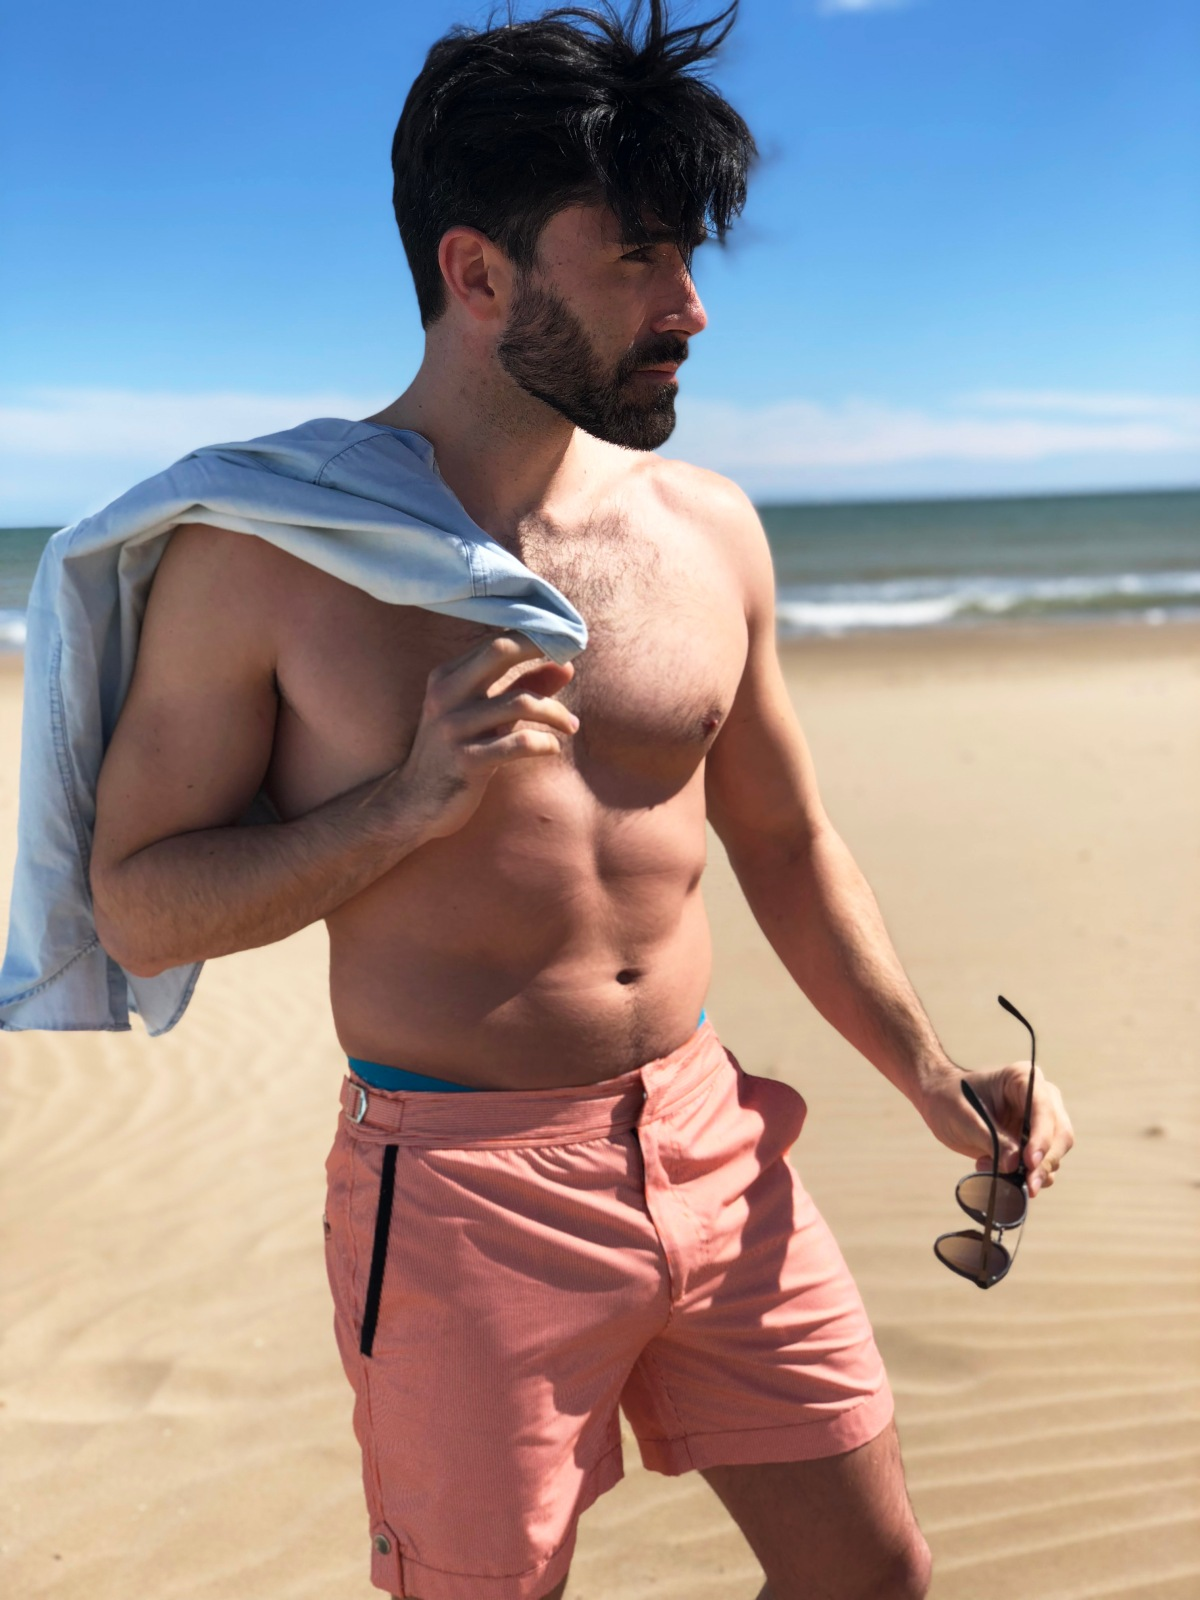 Para este verano lo tengo claro; Sanwin Beachwear me acompañará en todos mis viajes.